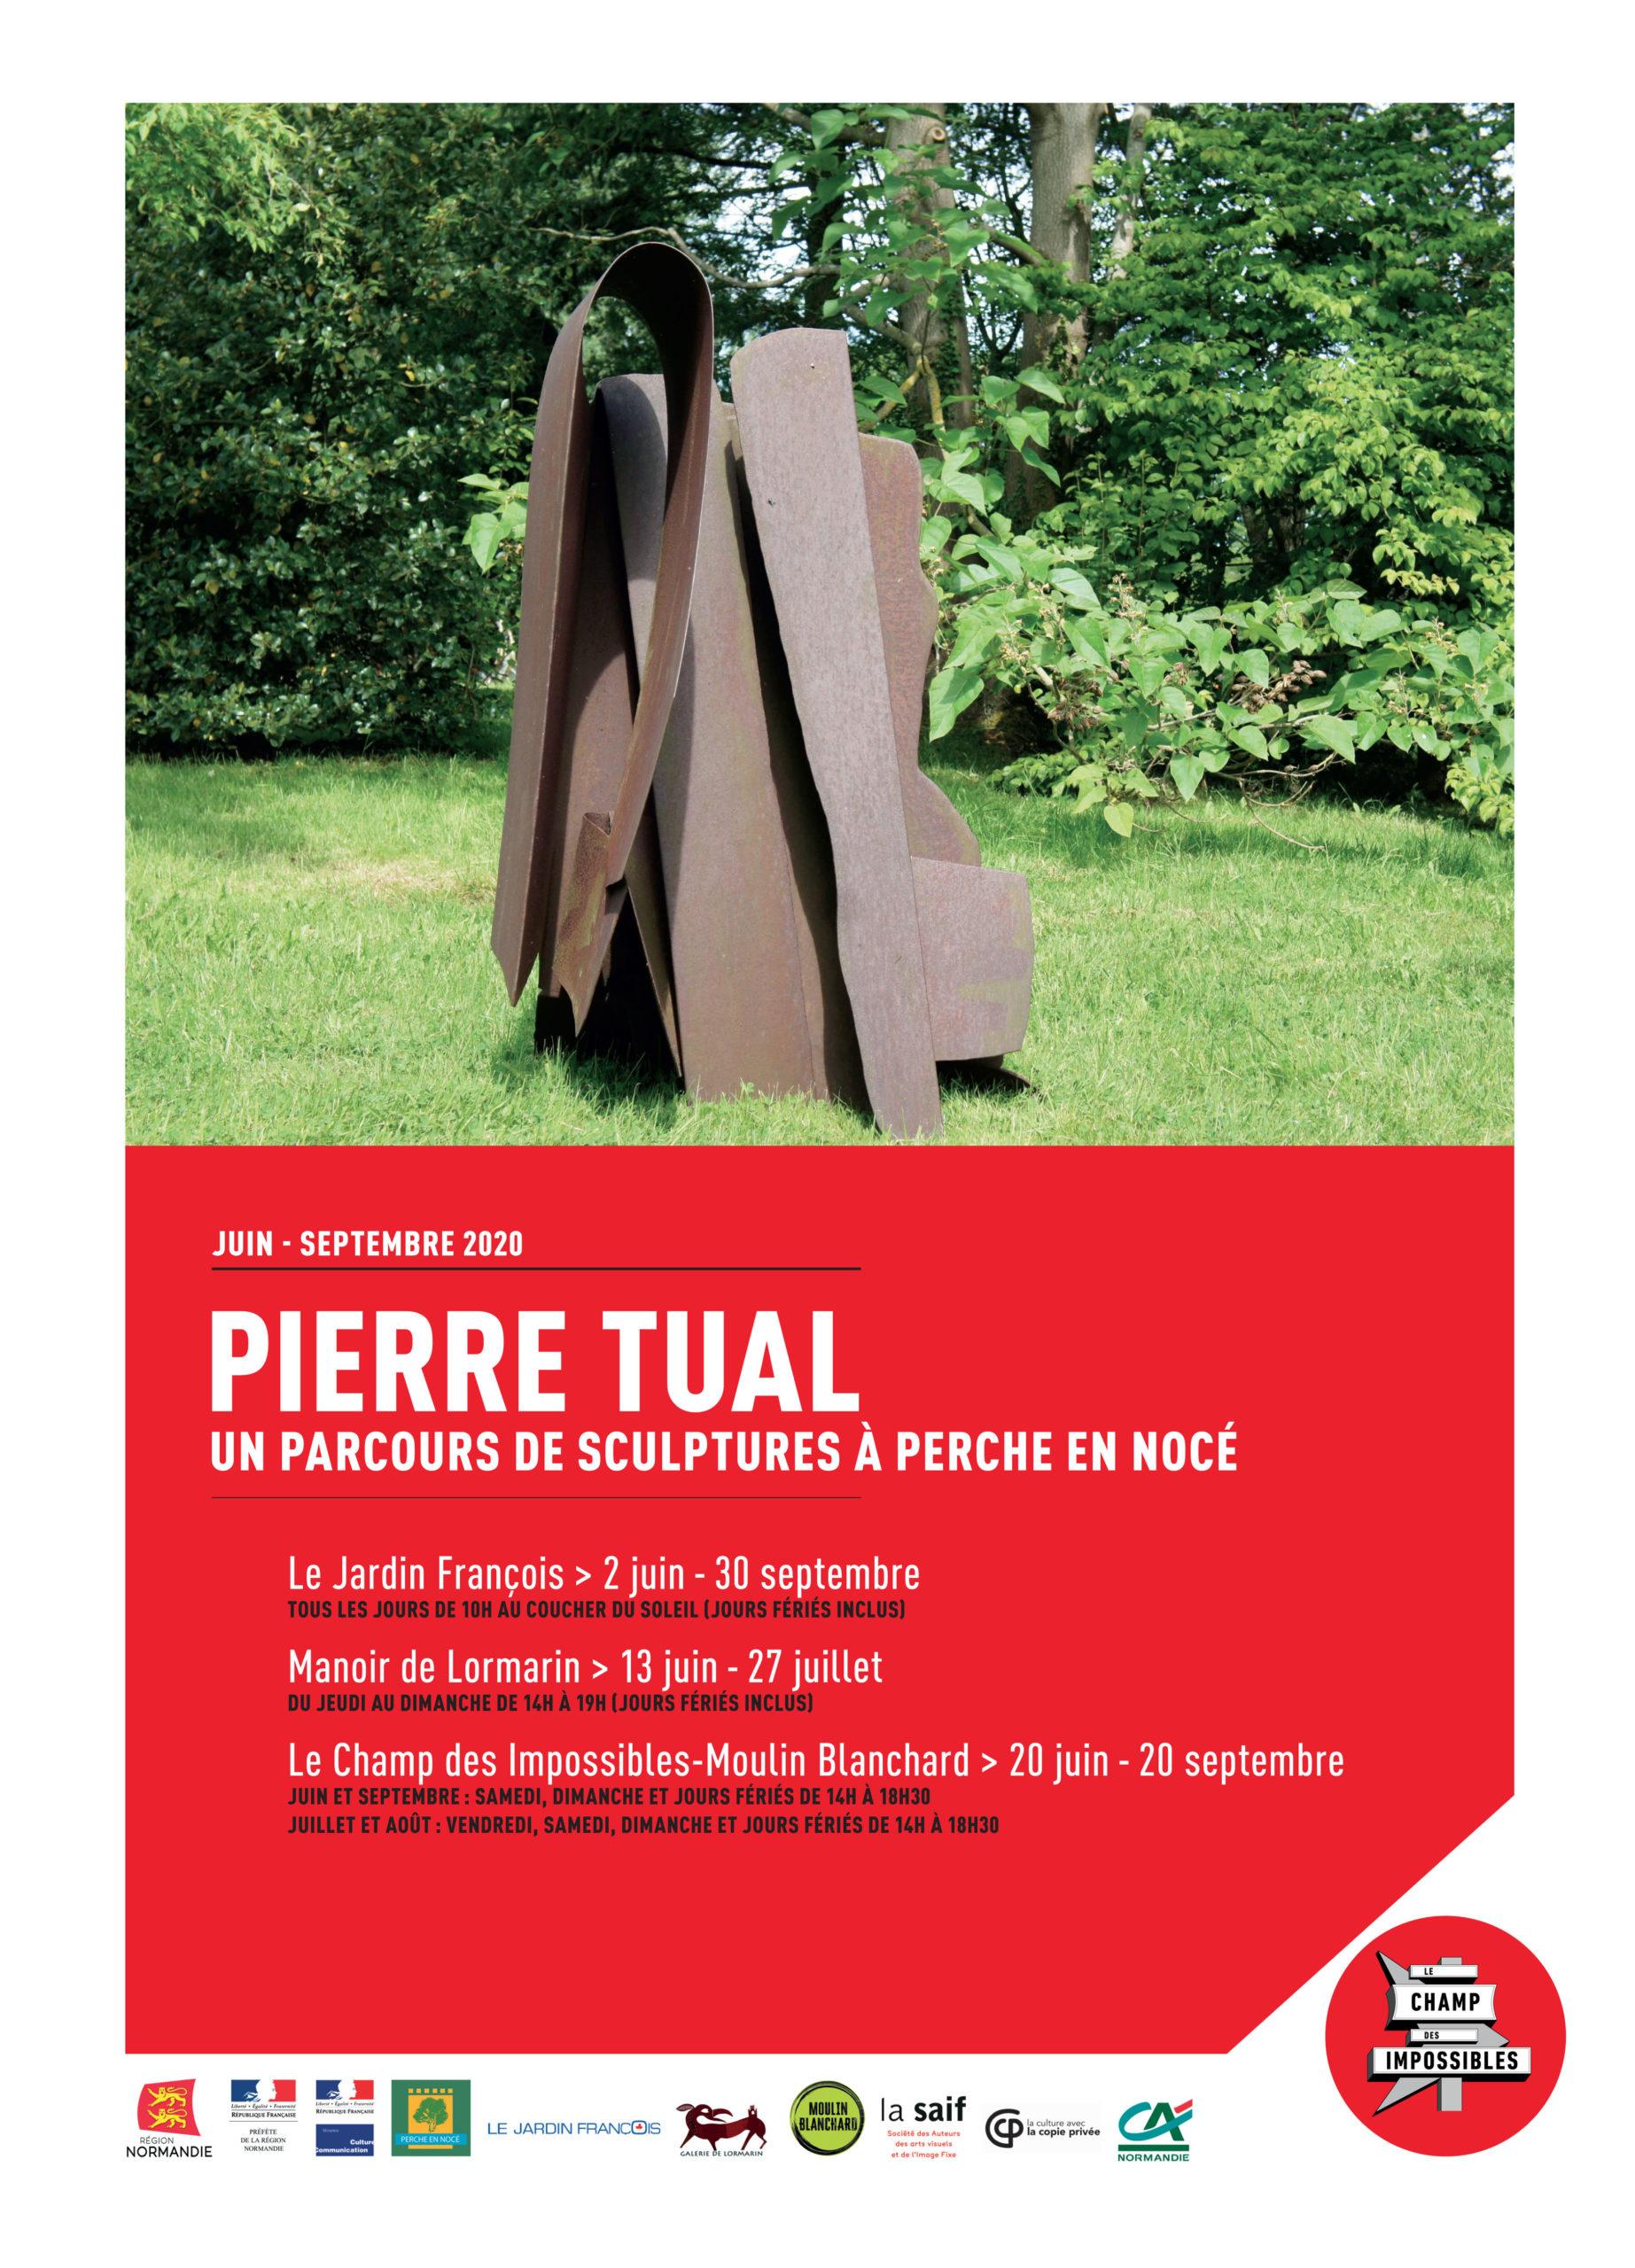 Pierre Tual